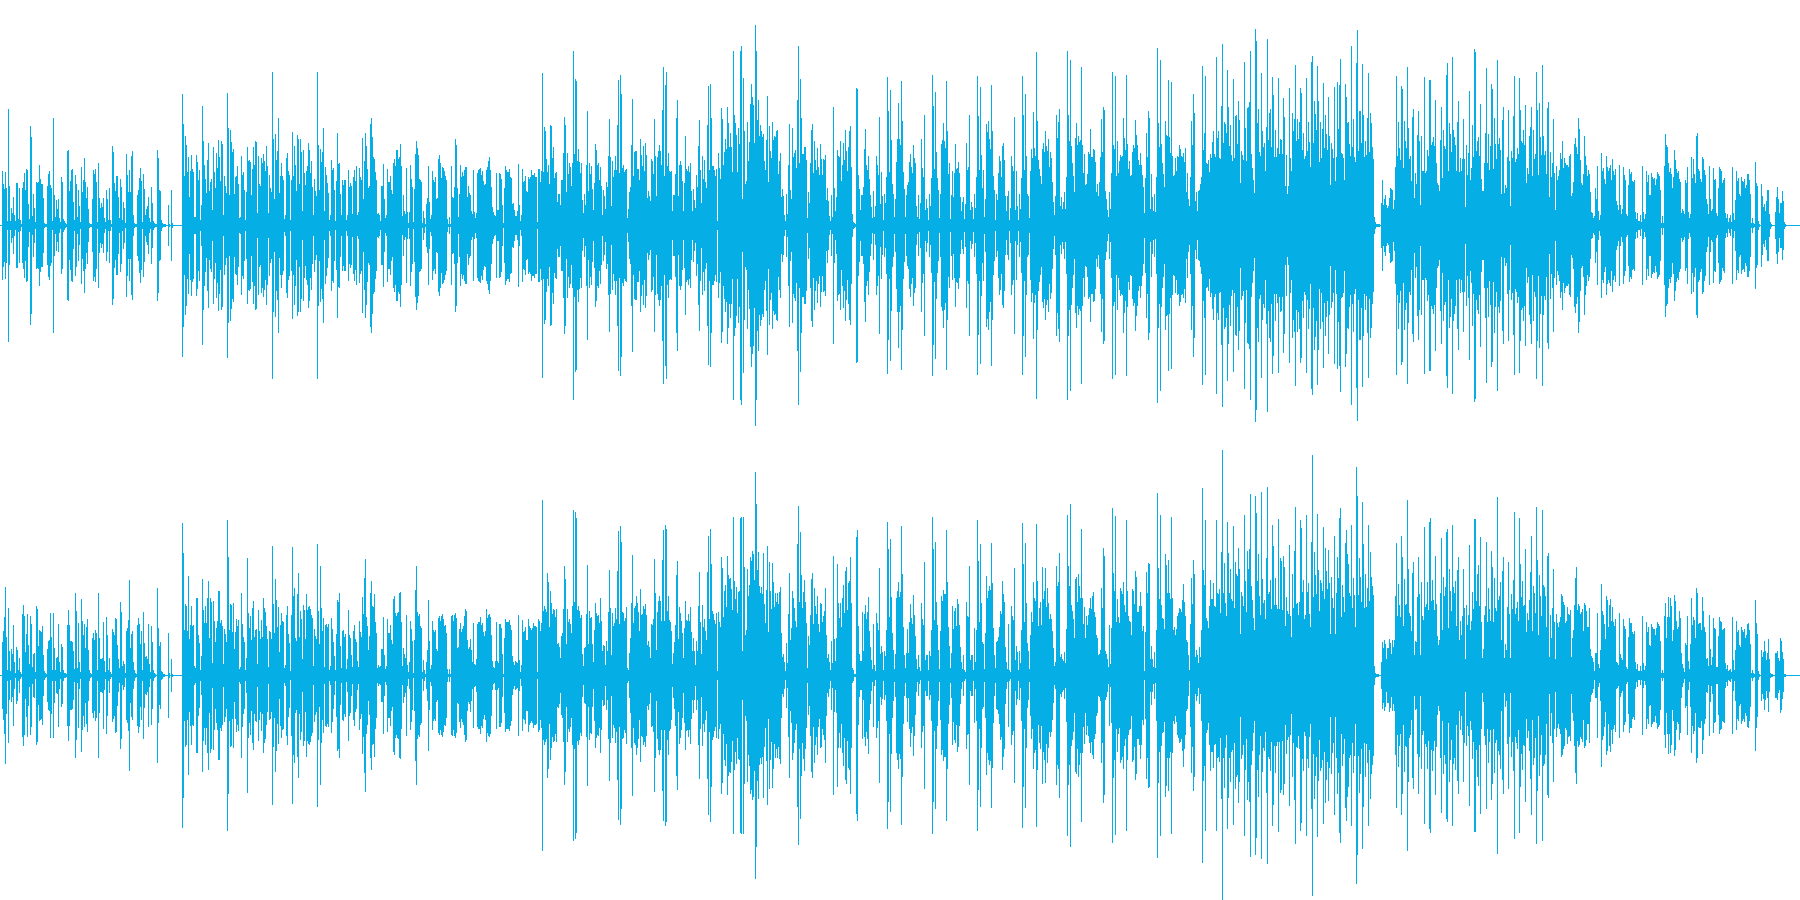 コミカルでどこか抜けてる曲の再生済みの波形